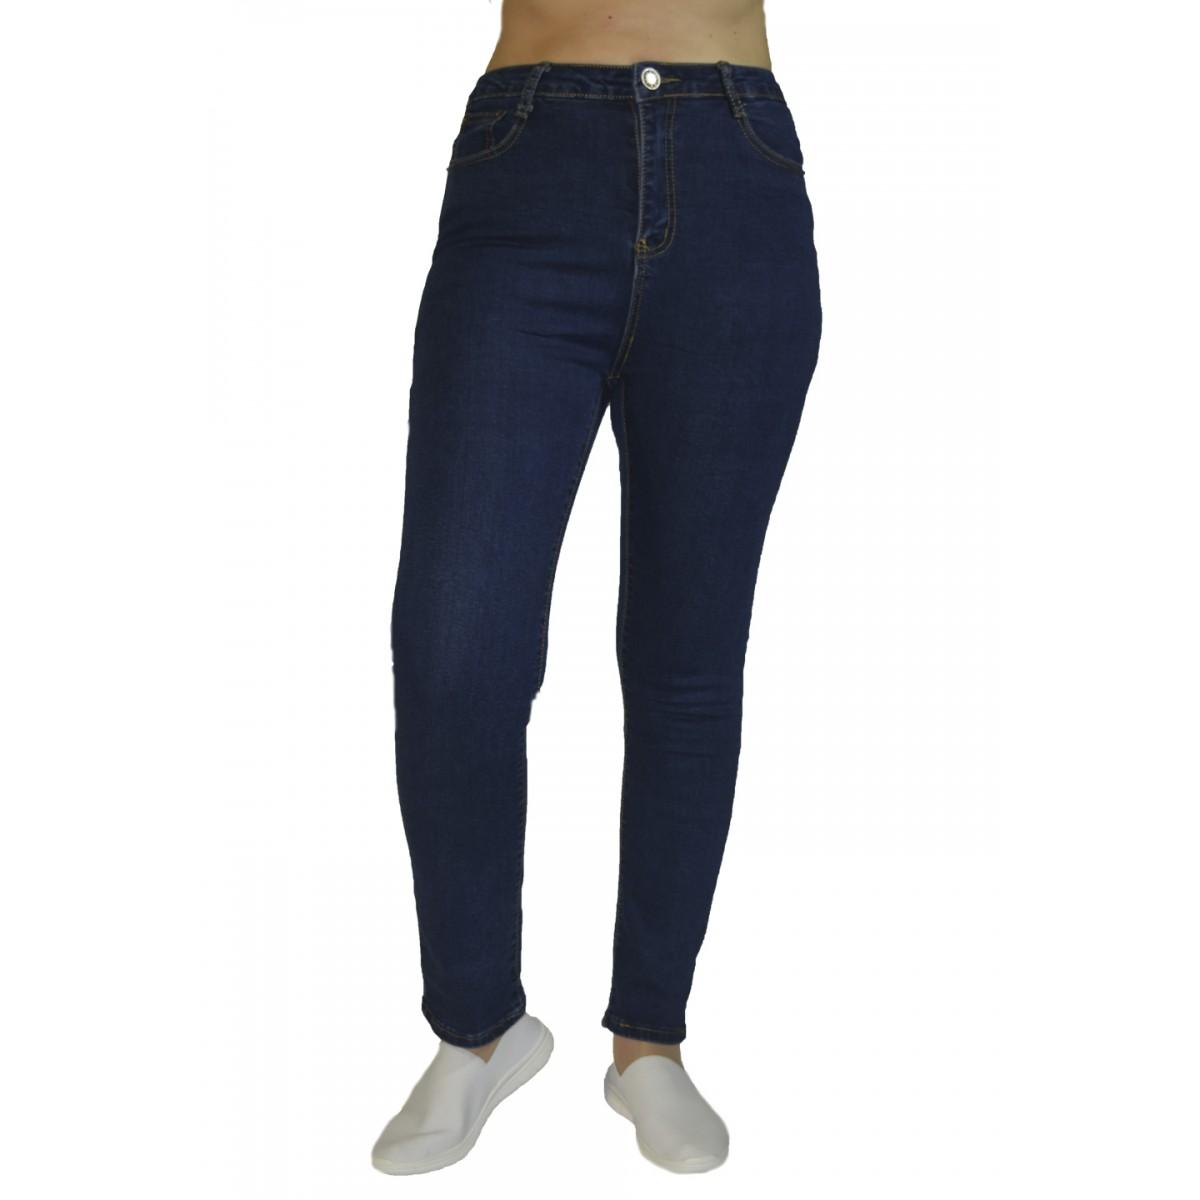 Джинсы женские K.Y Jeans  американки темно-синие